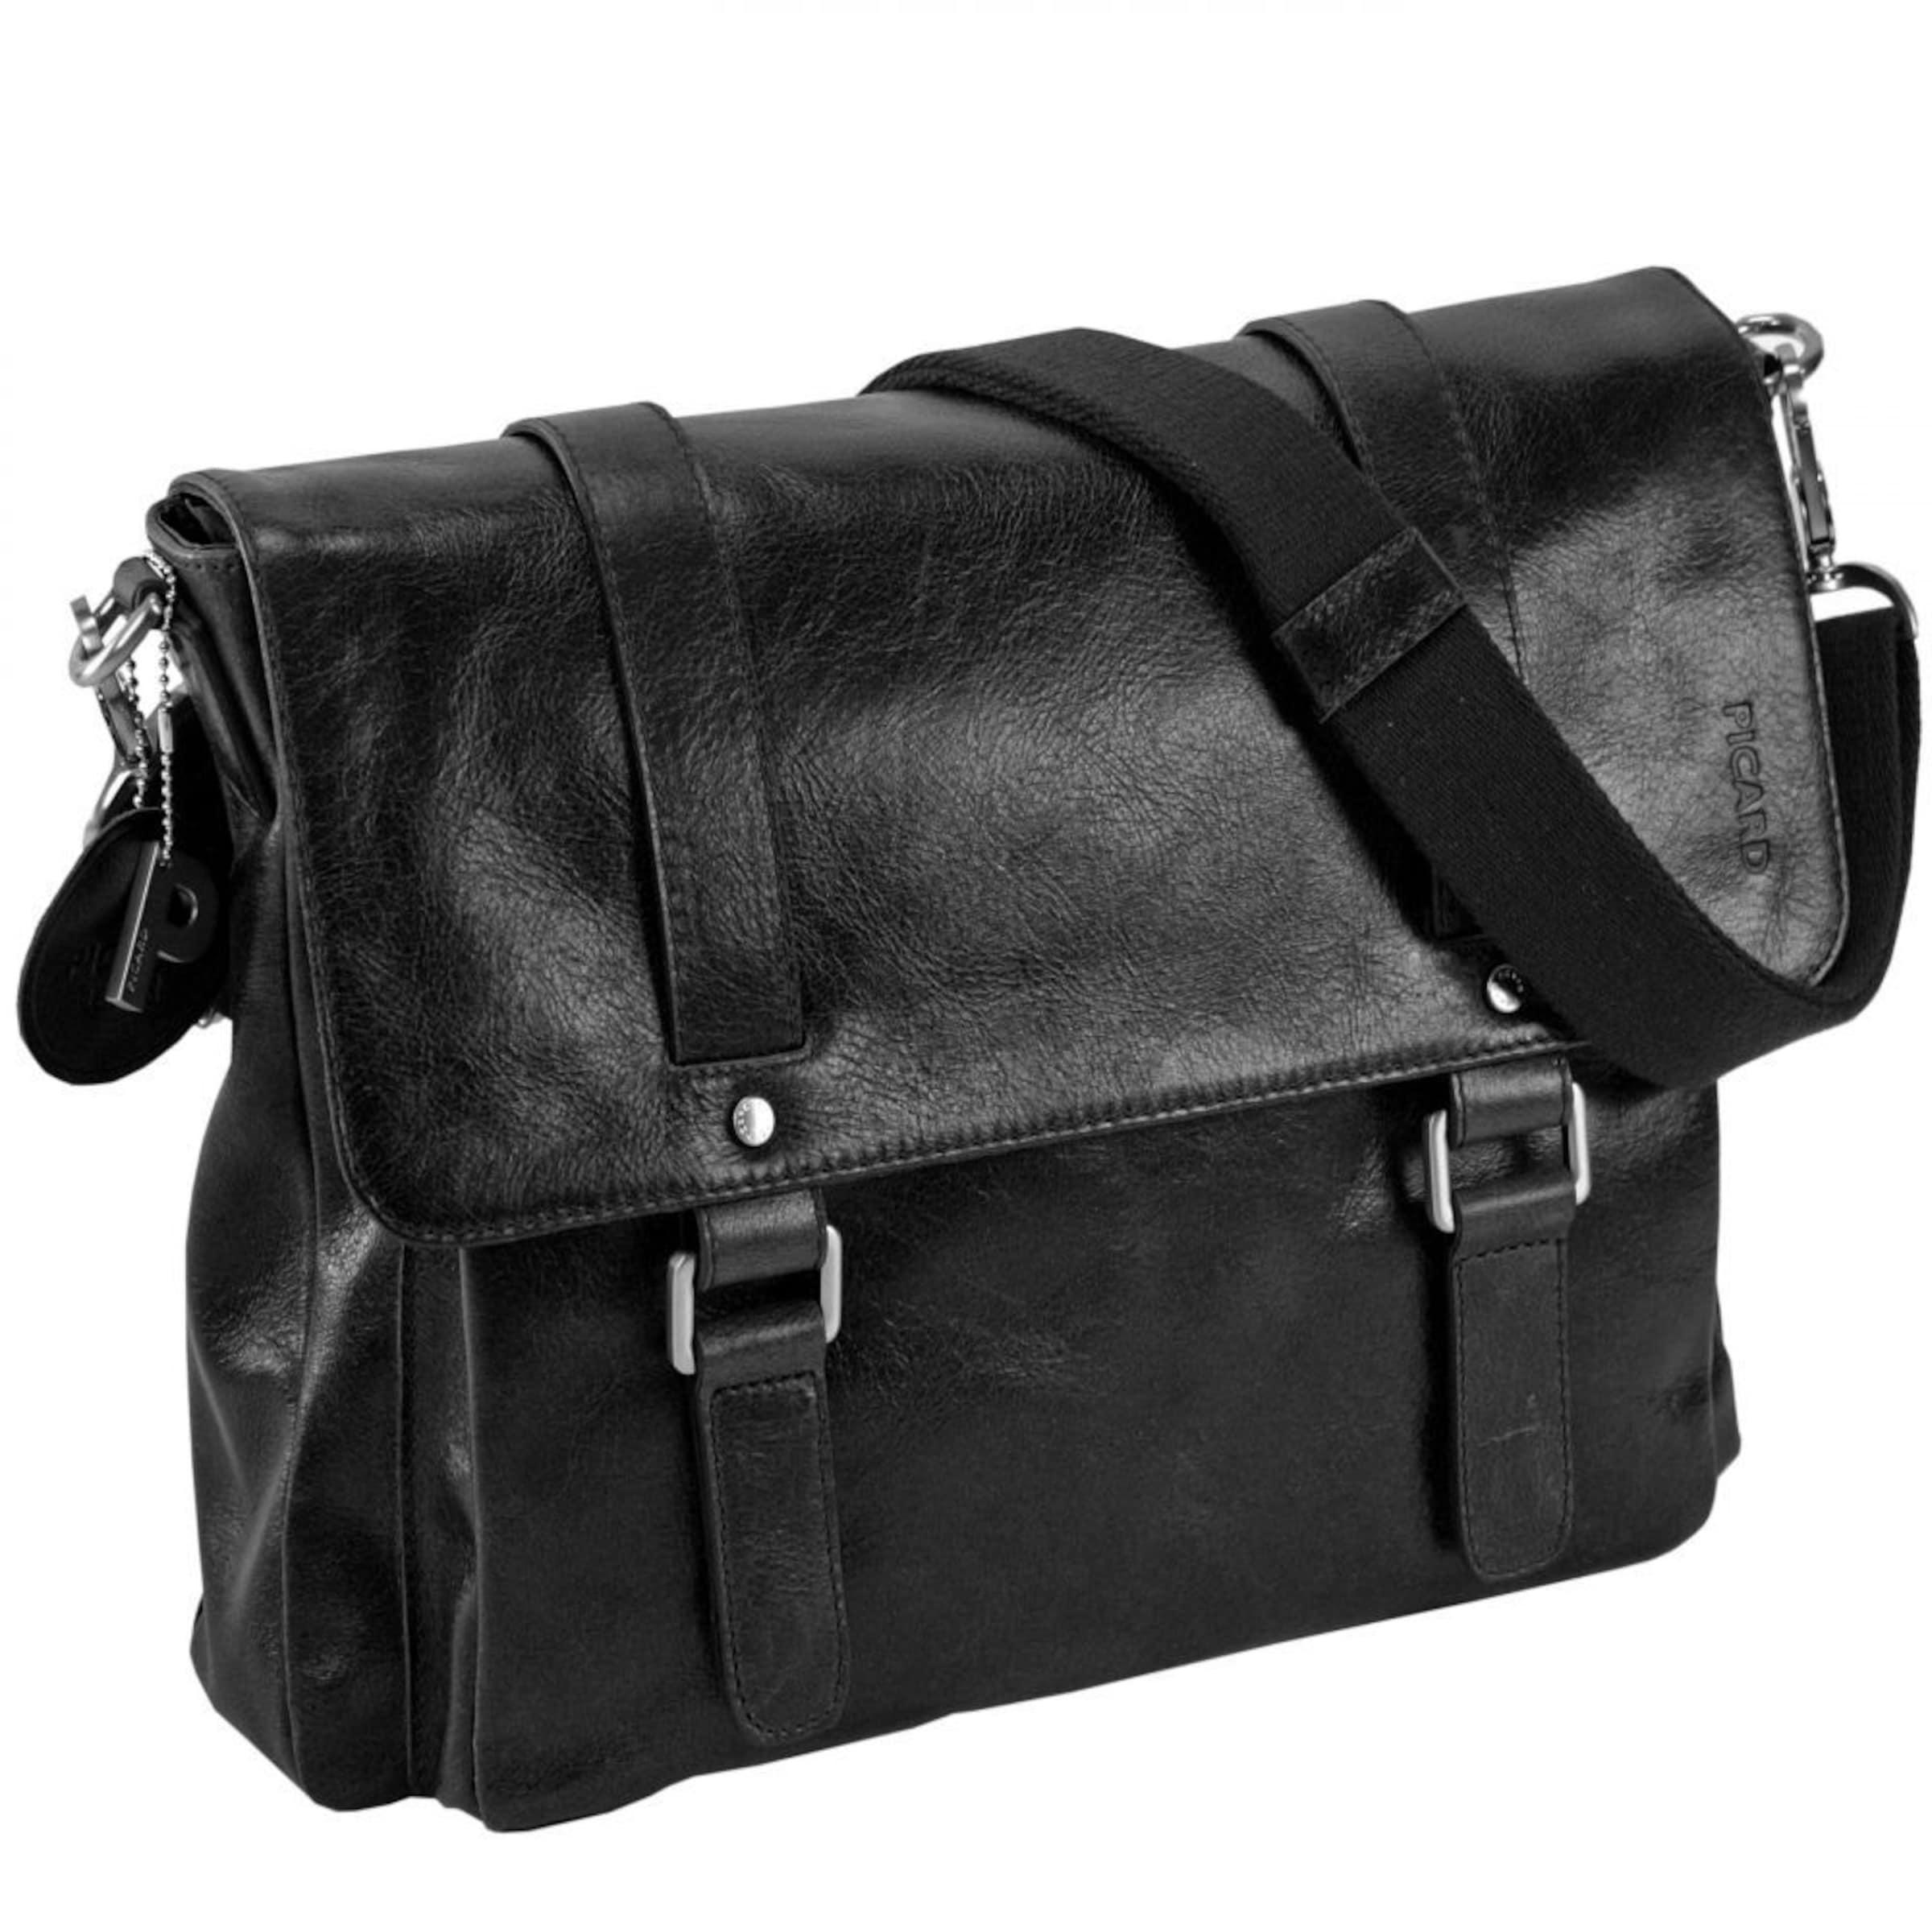 Eastbay Günstig Online Picard Buddy Business-Tasche Leder 37 cm Wiki Günstiger Preis Auslass Perfekt Verkaufsfachmann Rabatt Online-Shopping MSX54r2hU0